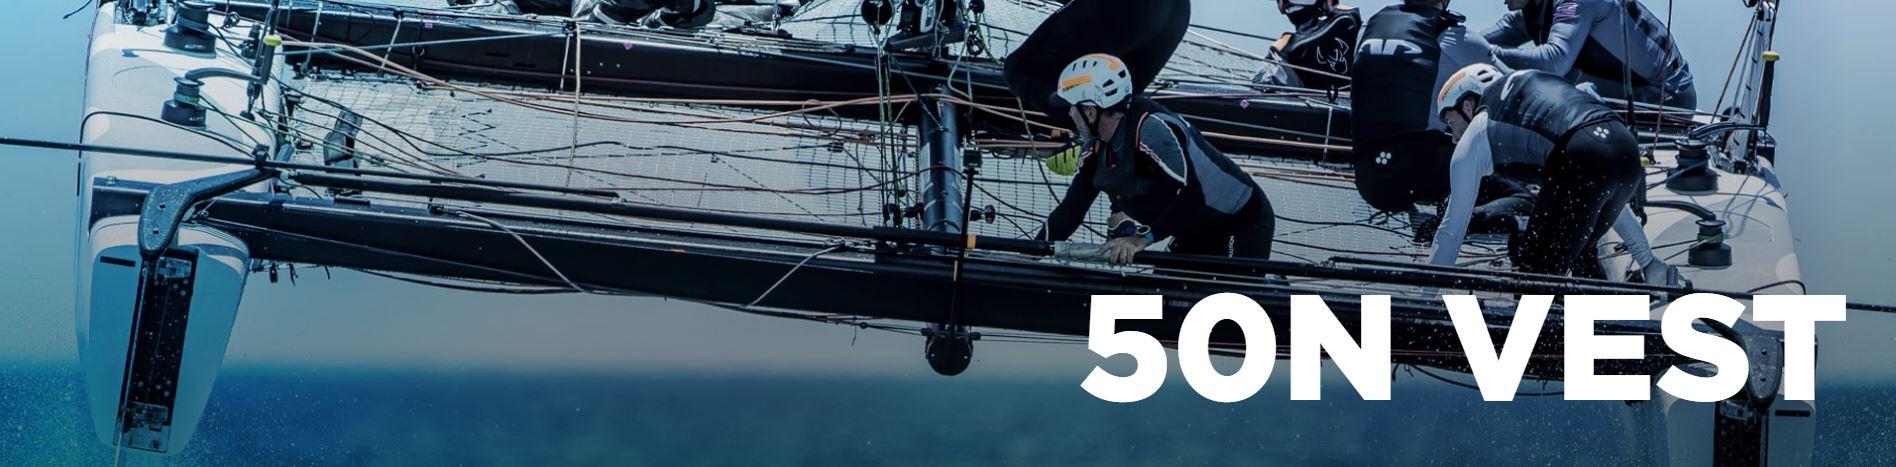 אימפקט ווסט וציפה -   North Wind sea sports